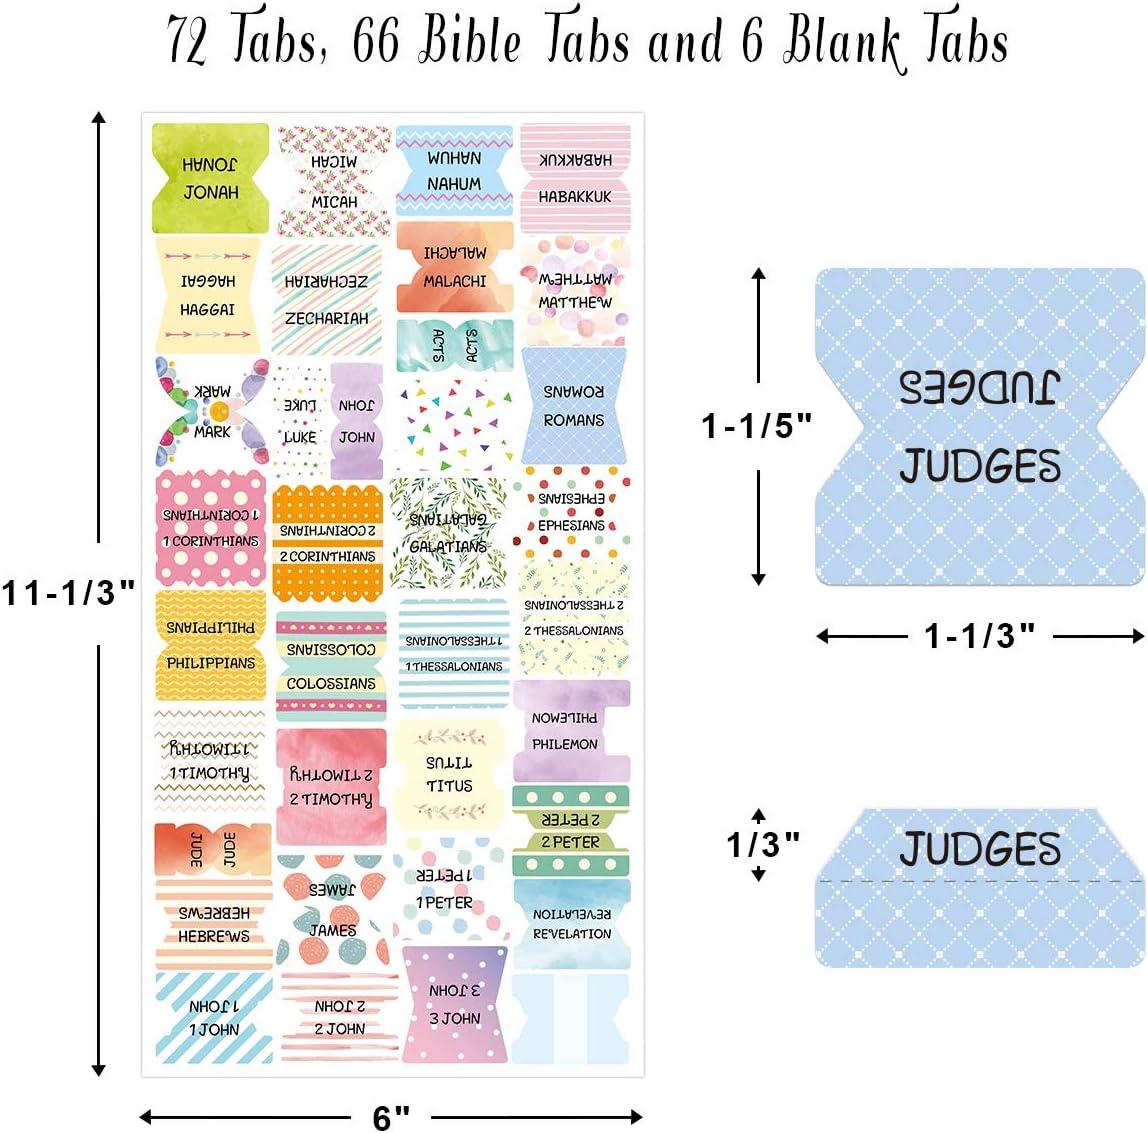 Pestañas Decorativas De La Biblia Pelar Y Pegar Pestañas De Indización Coloridas De La Biblia Para La Lectura De La Biblia De 72 Piezas Antiguo Y Nuevo Testamento Office Products